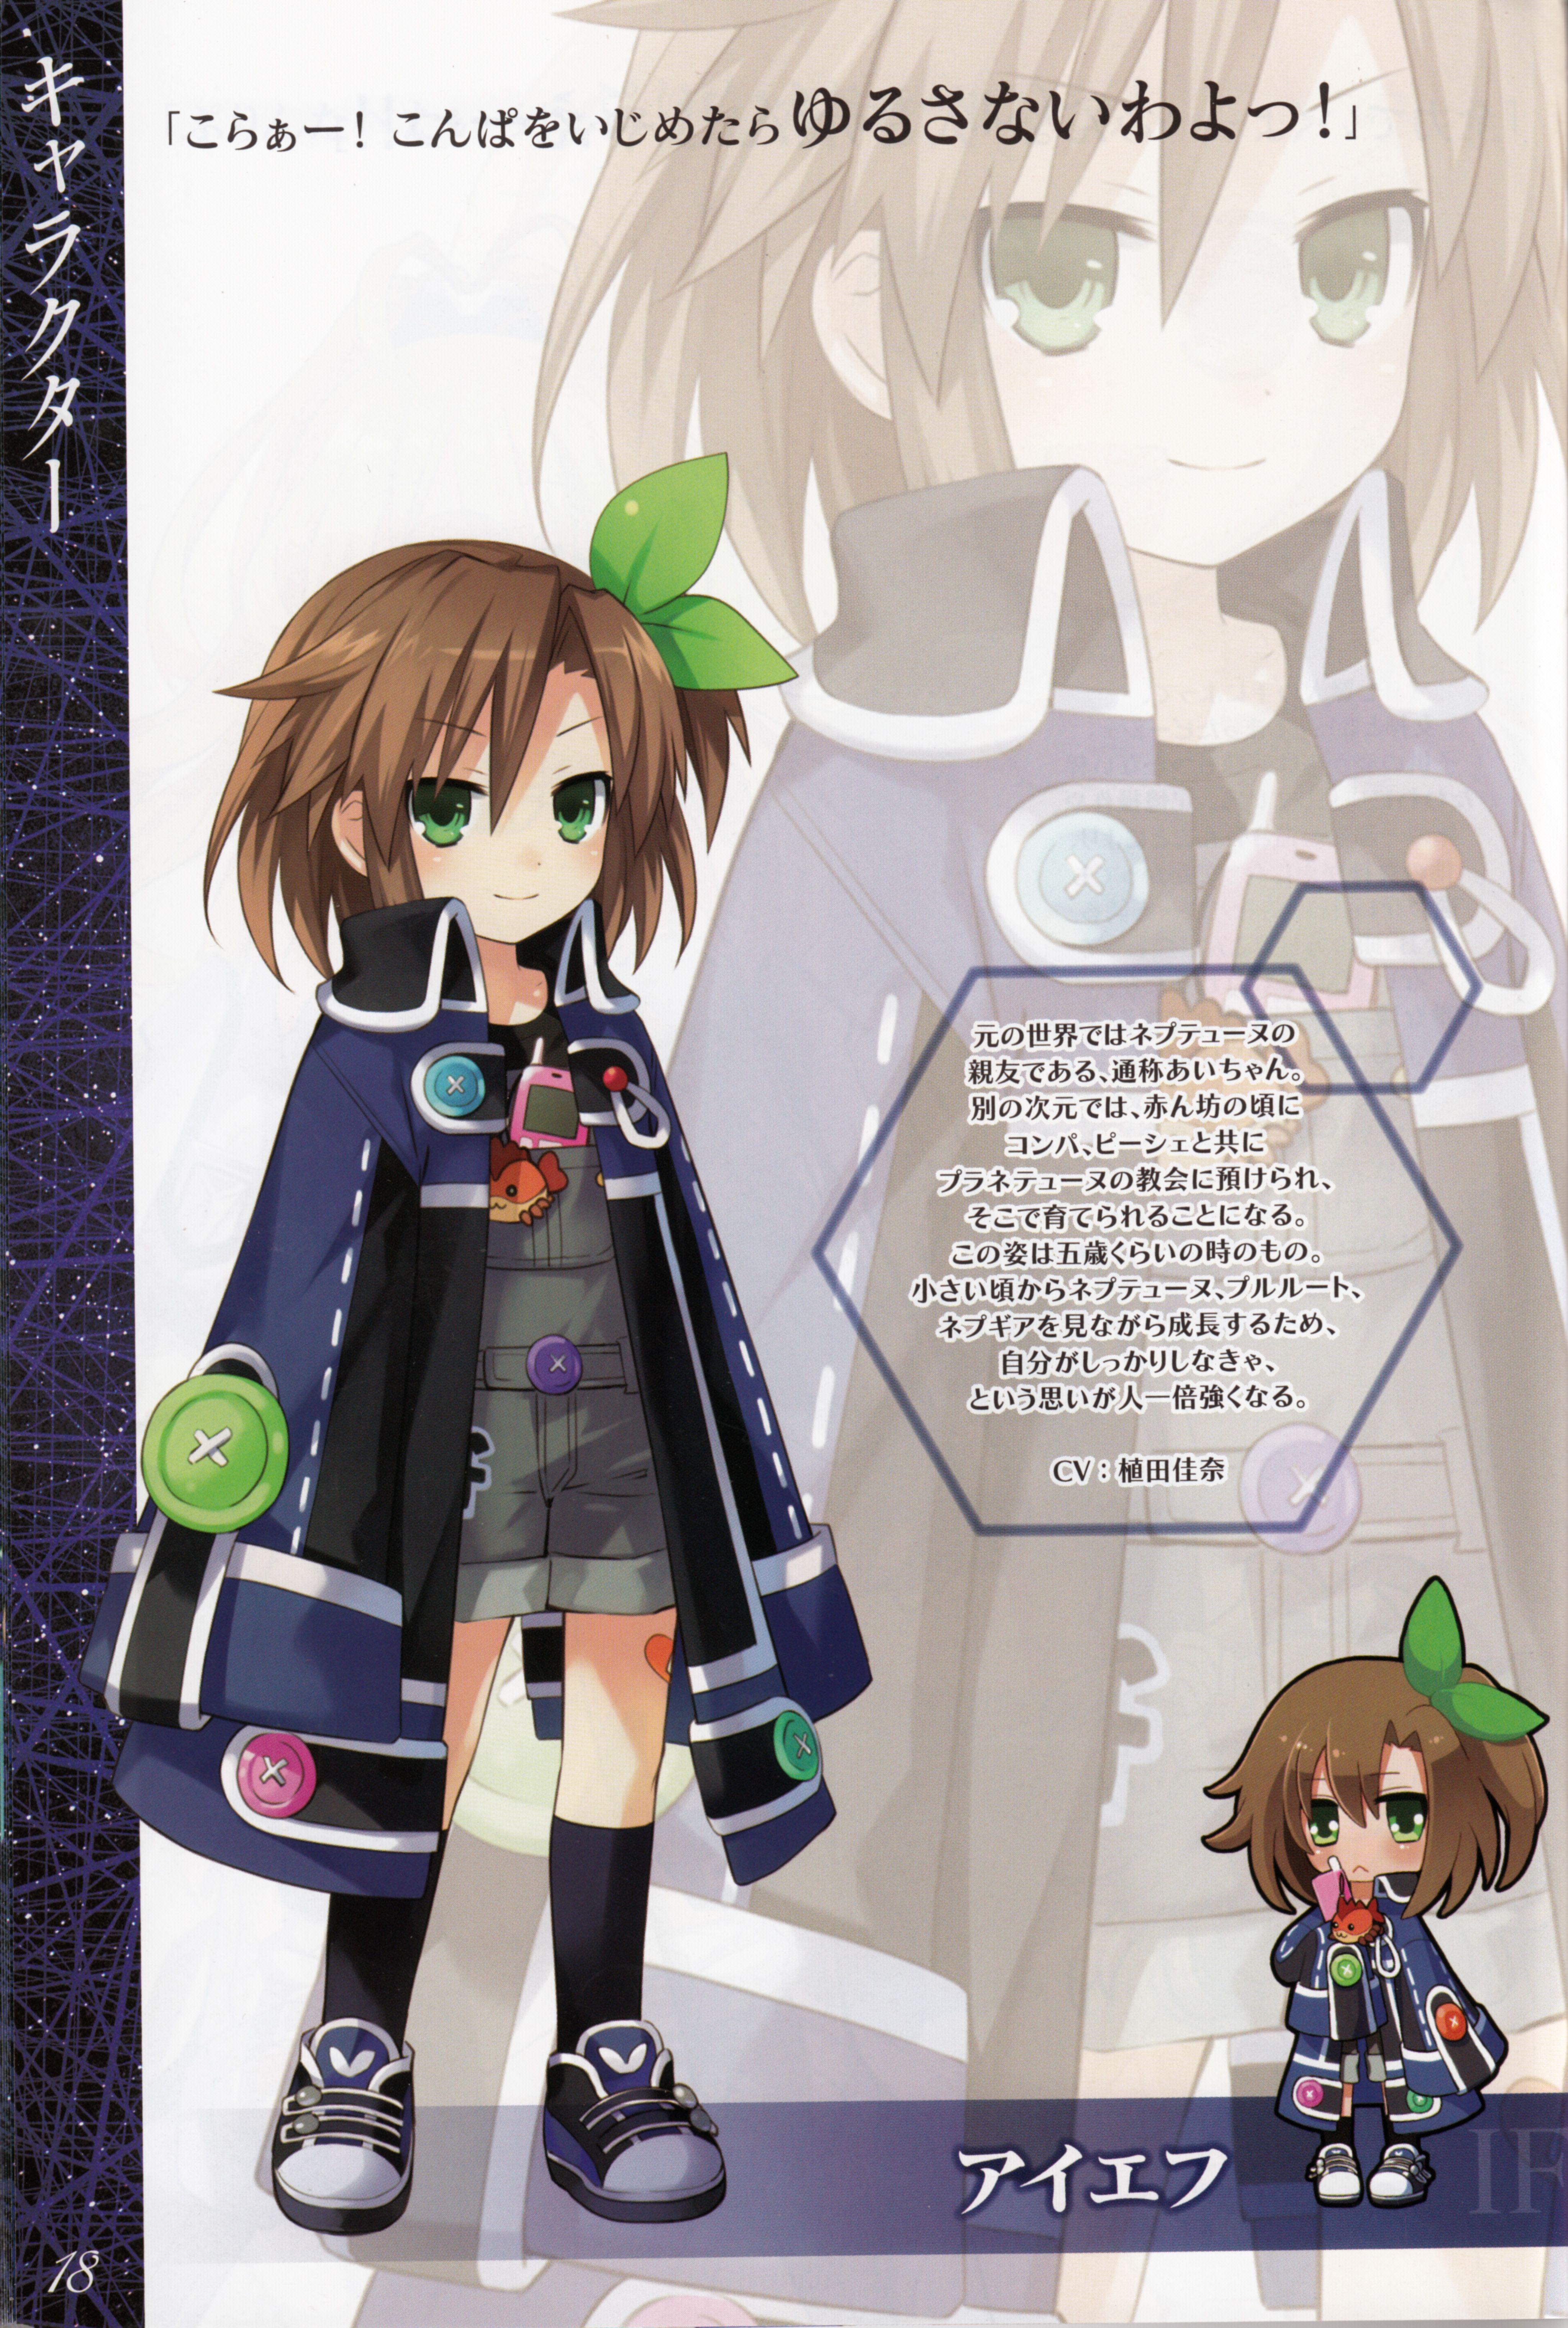 Choujigen Game Neptune IF art by Tsunako (Zerochan